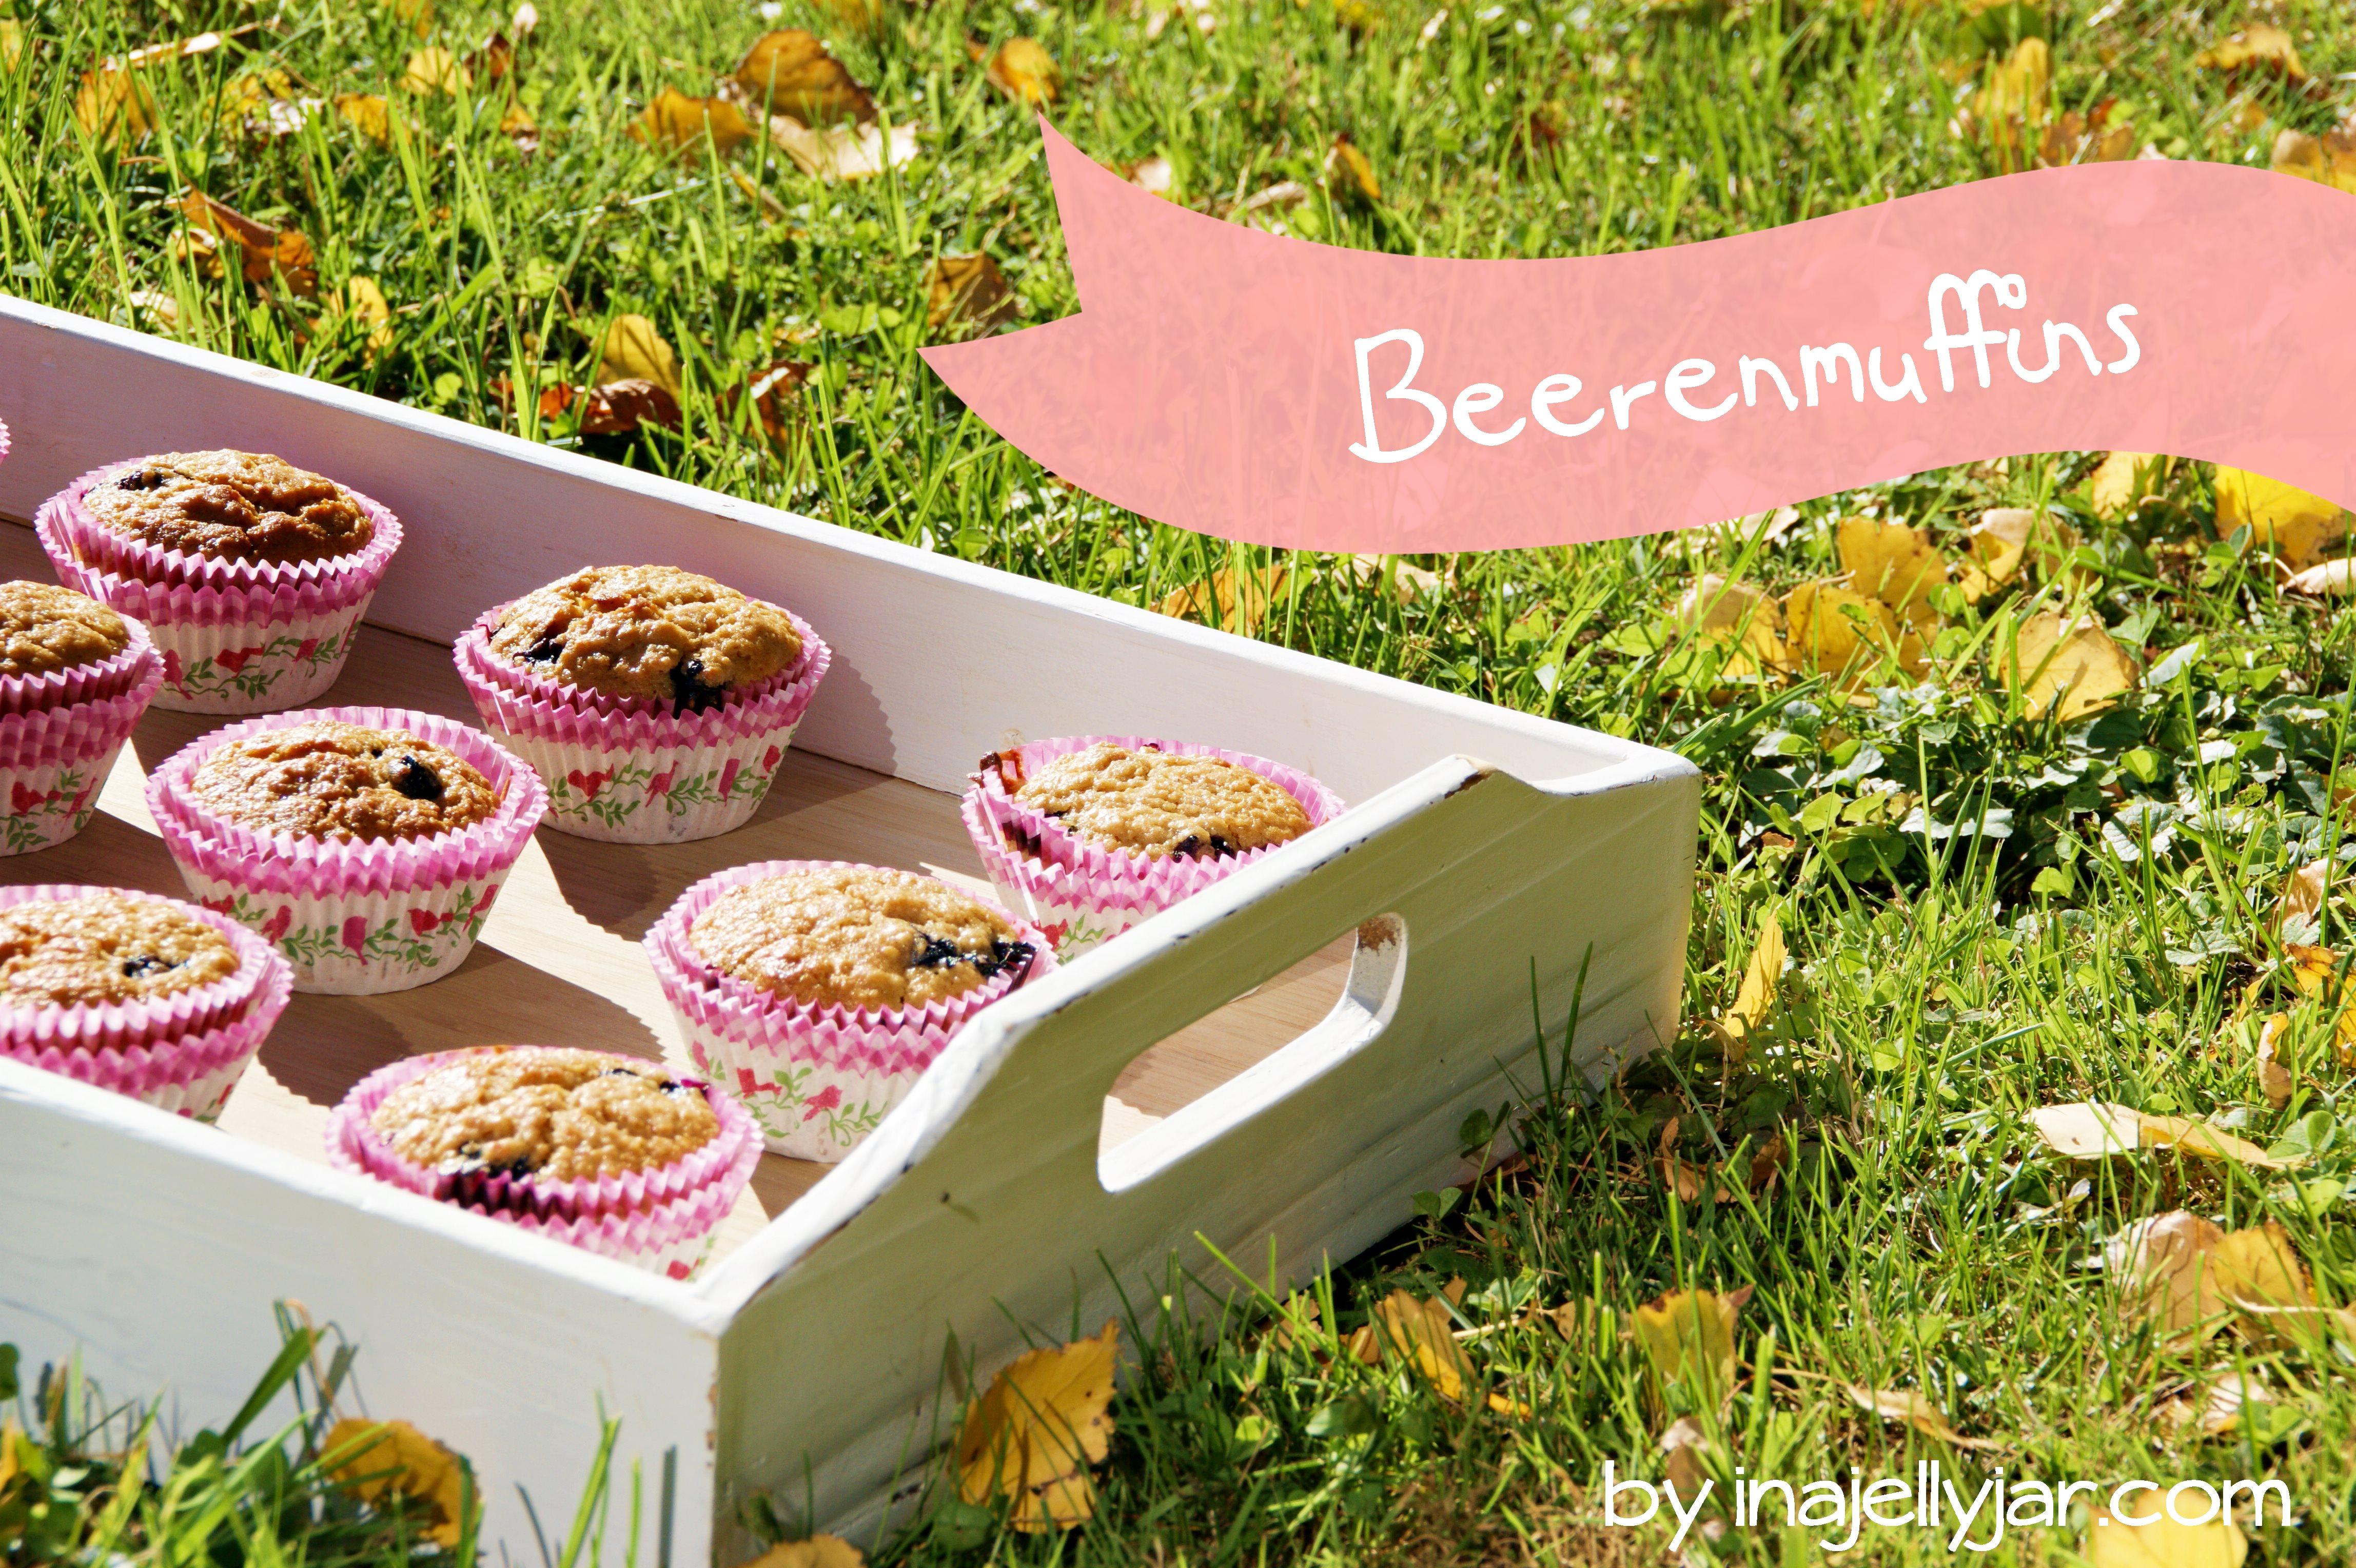 Apfel-Beeren Muffins